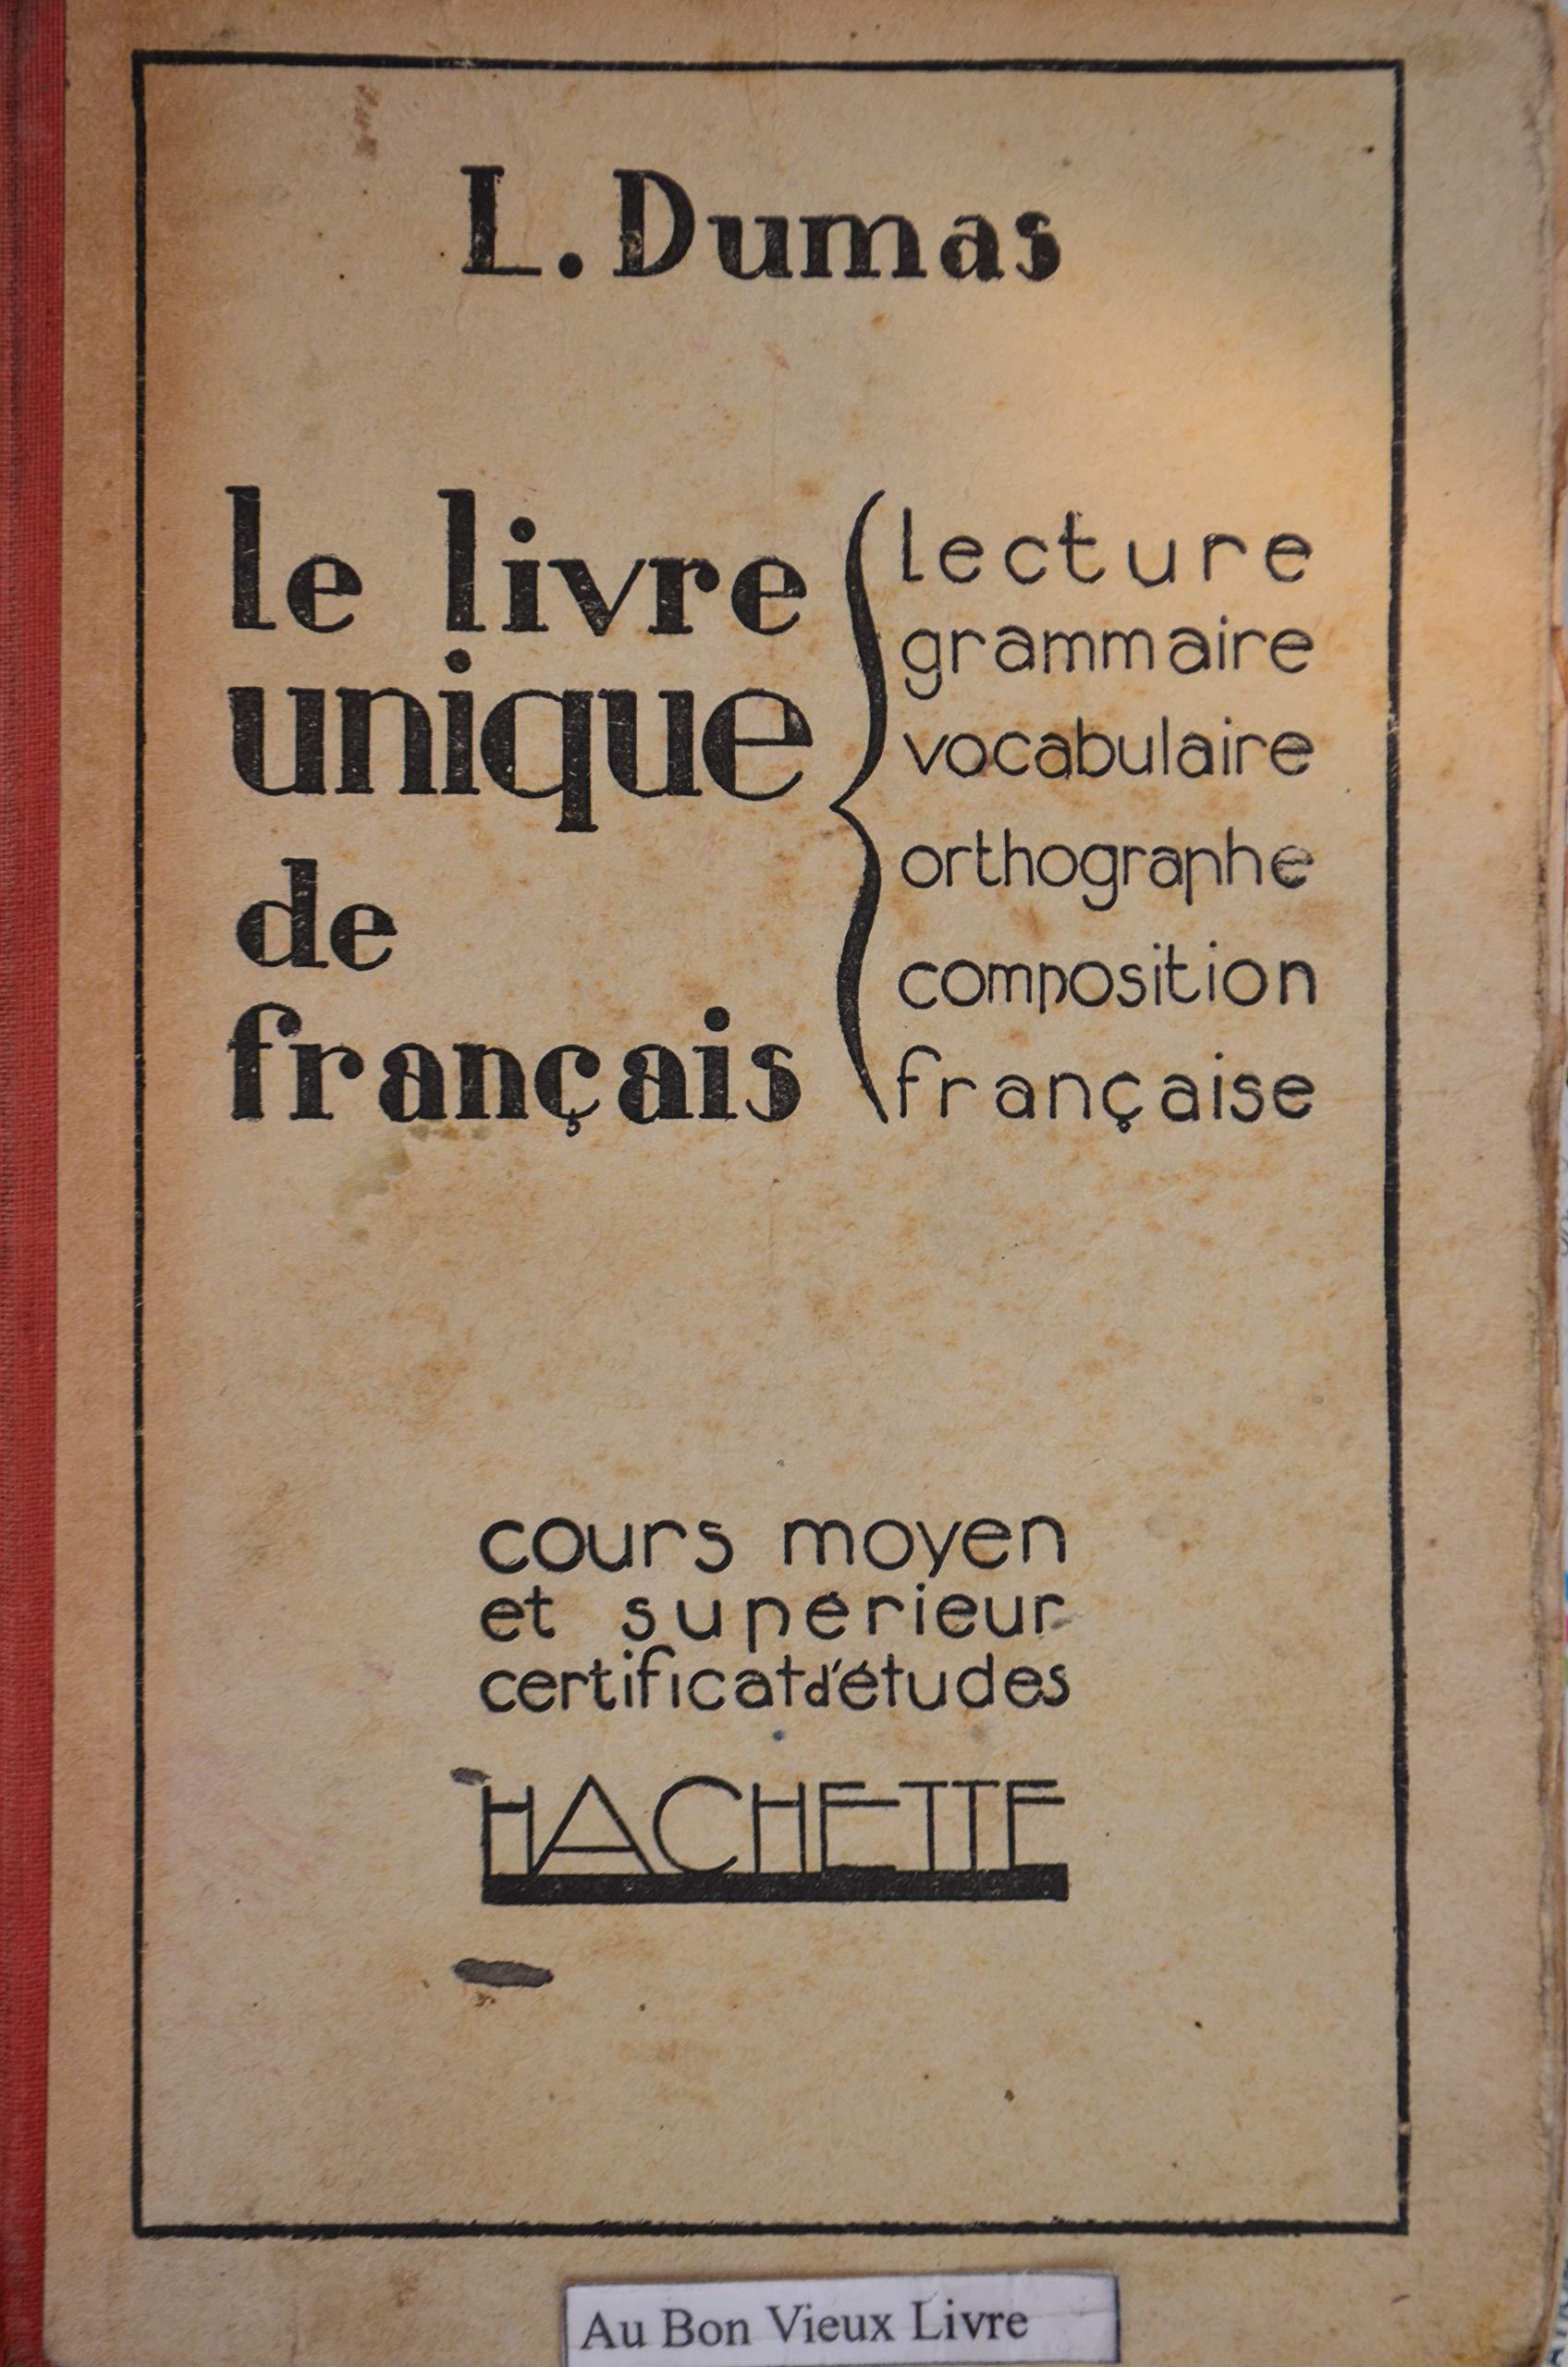 Amazon Fr L Dumas Le Livre Unique De Francais Lecture